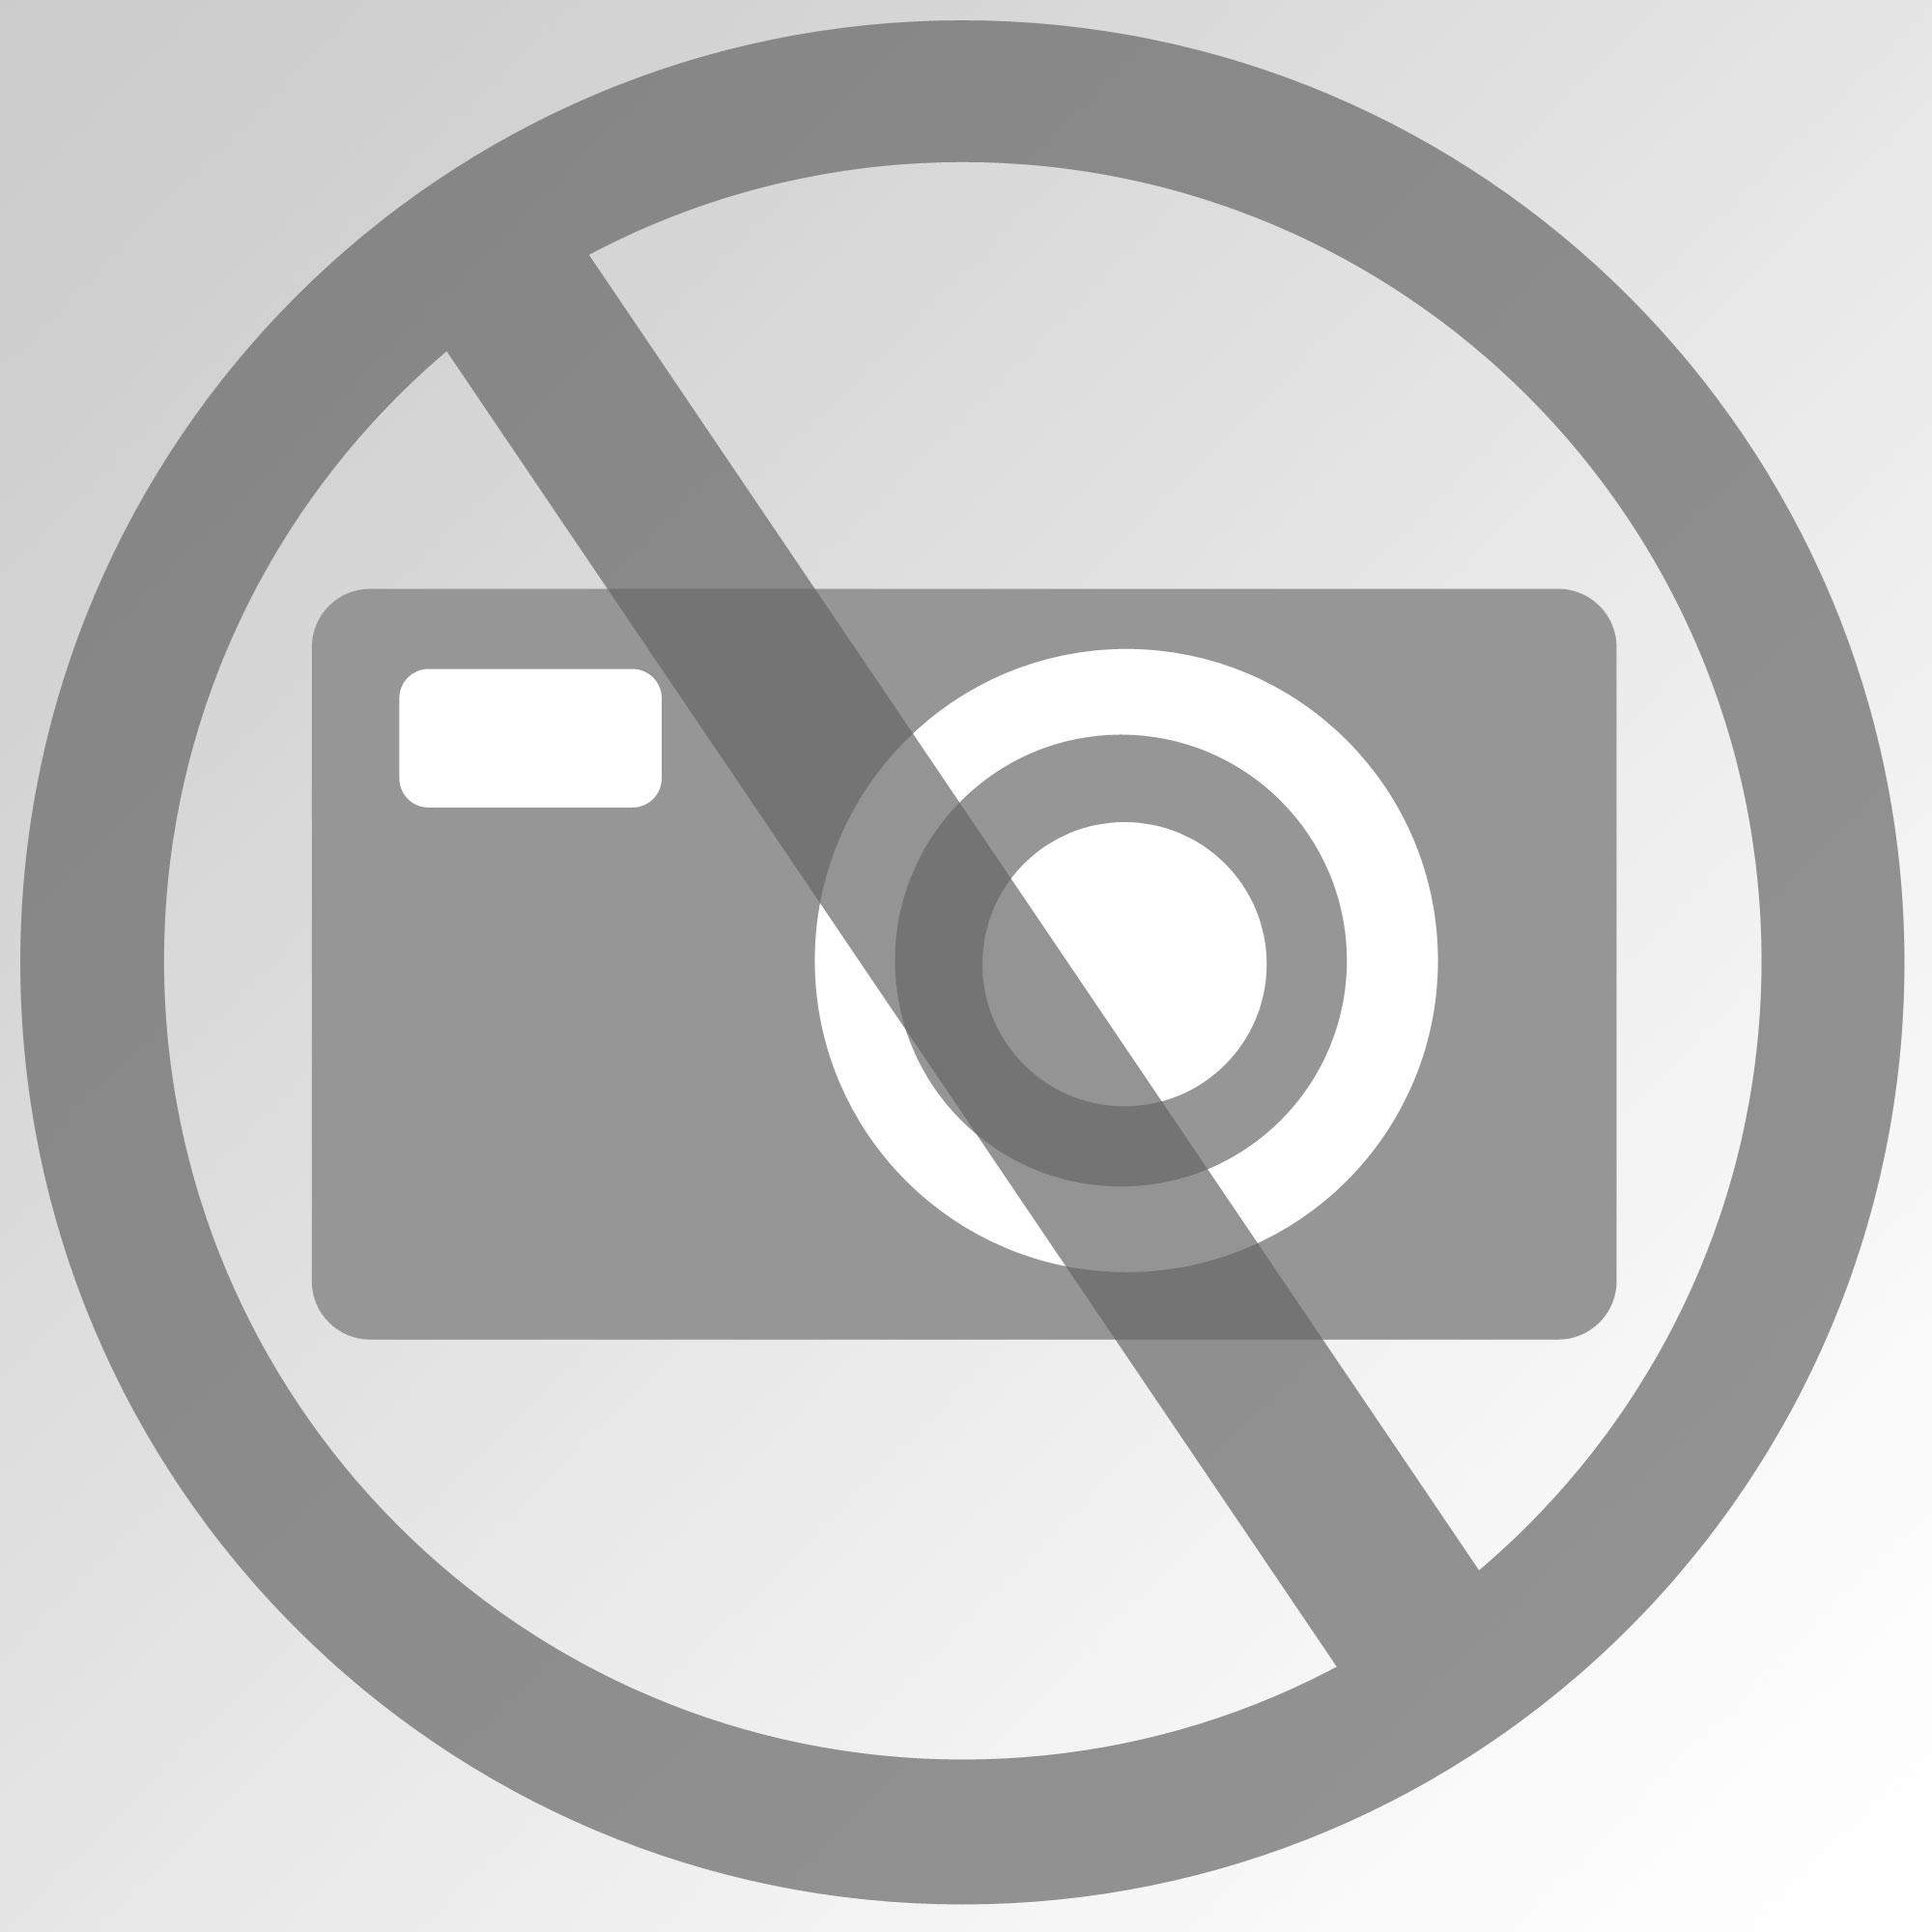 Kleen Purgatis Piccomat FS 10 Ltr. Automatenreiniger für Feinsteinzeug